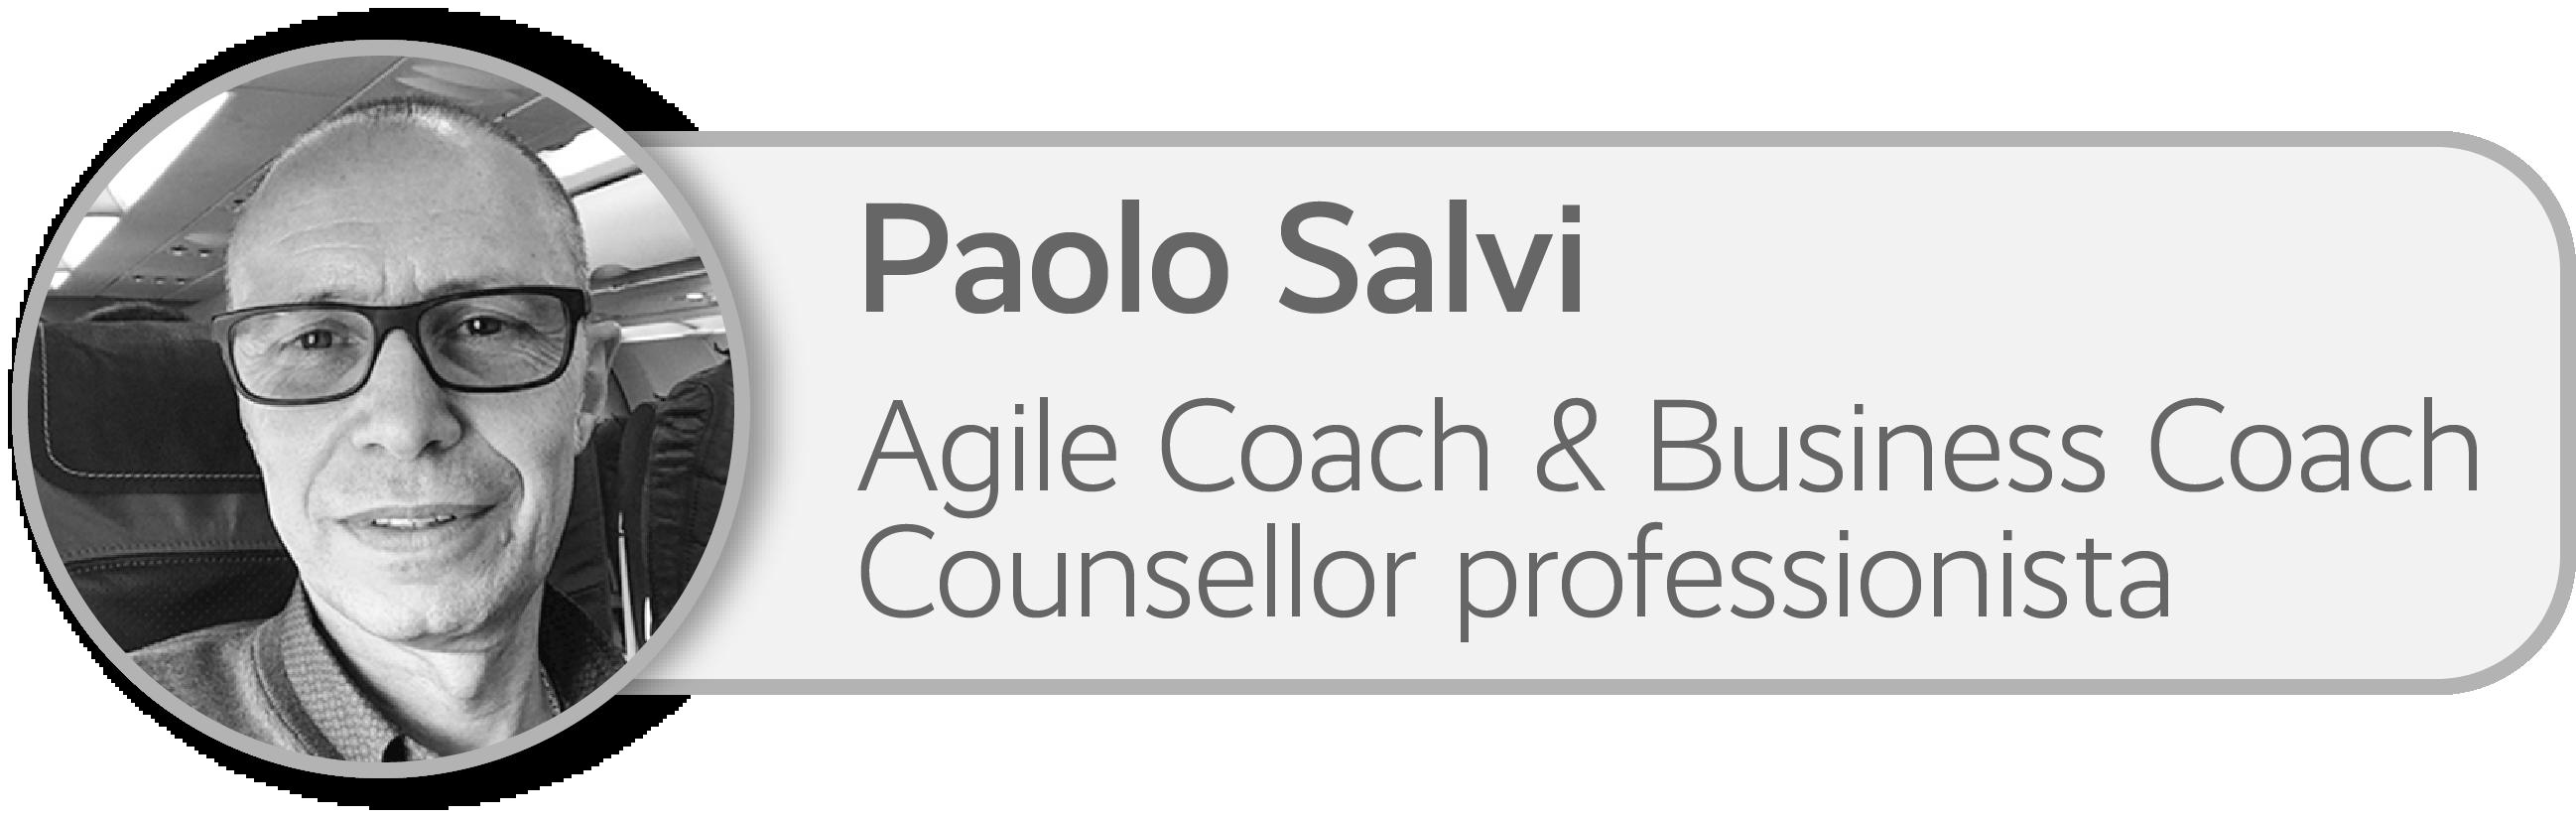 Paolo Salvi